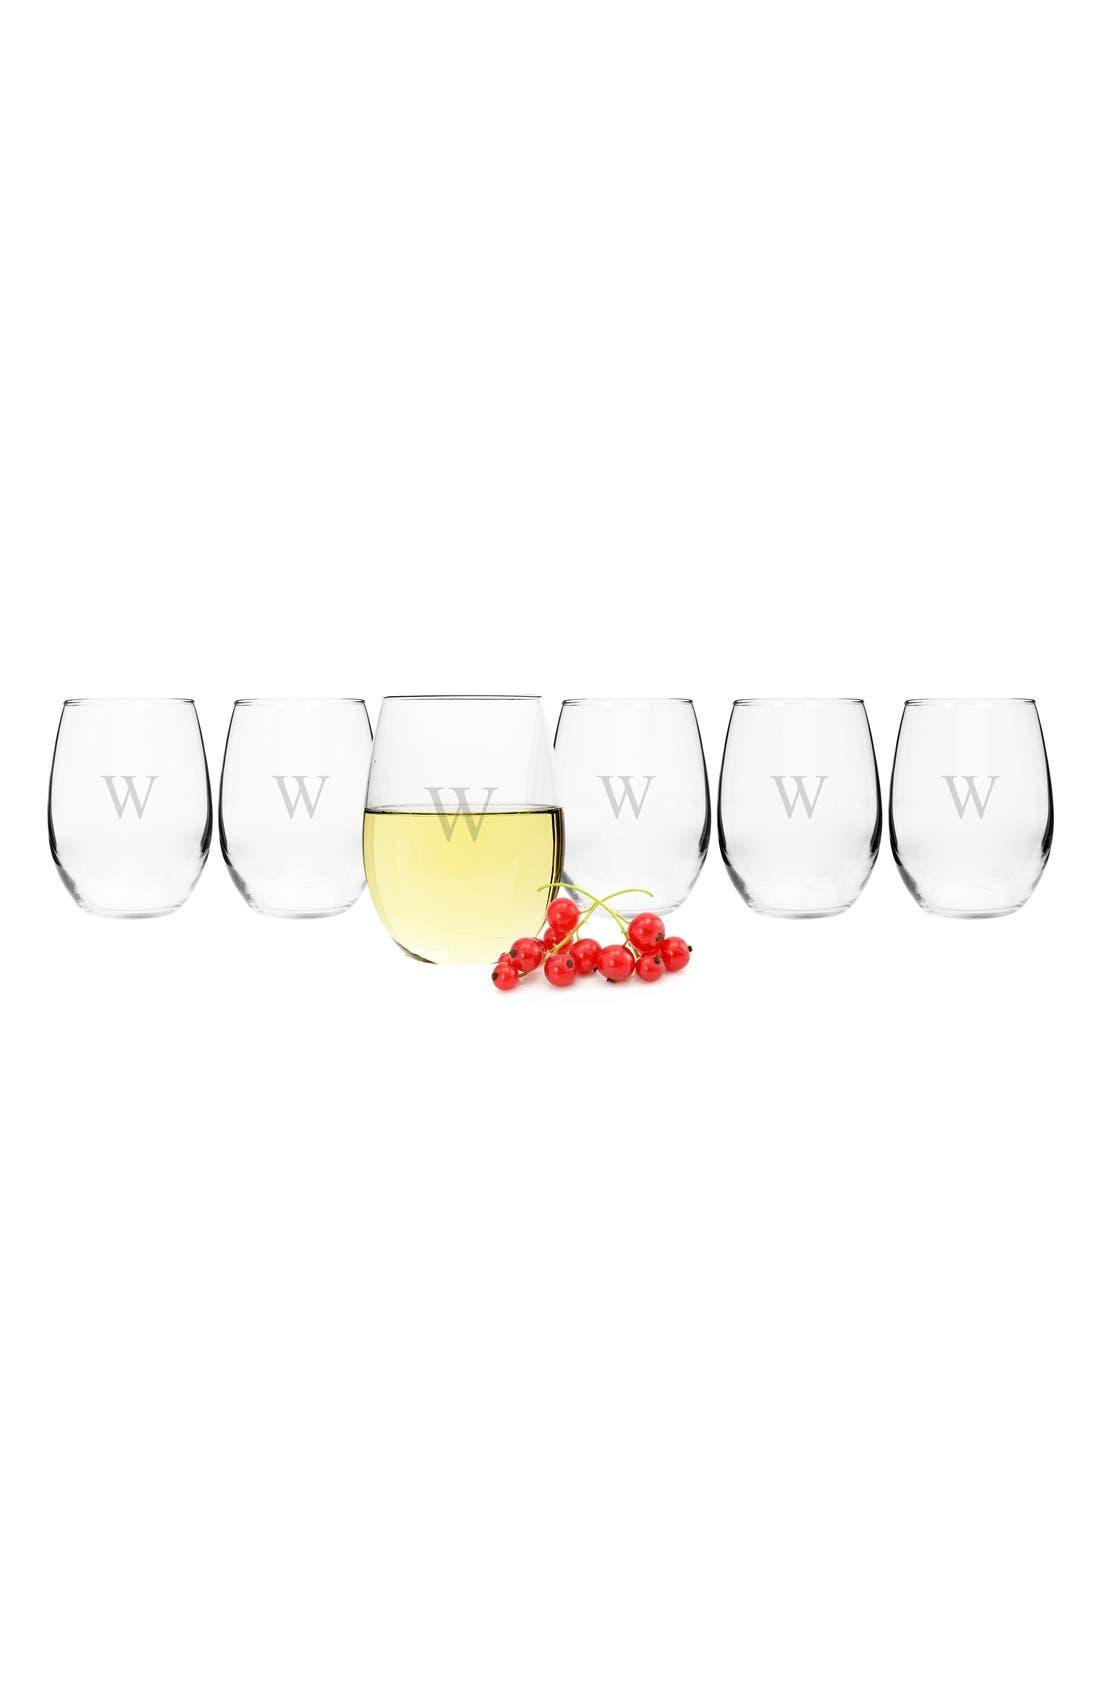 Set of 6 Monogram Stemless Wine Glasses,                             Alternate thumbnail 2, color,                             W